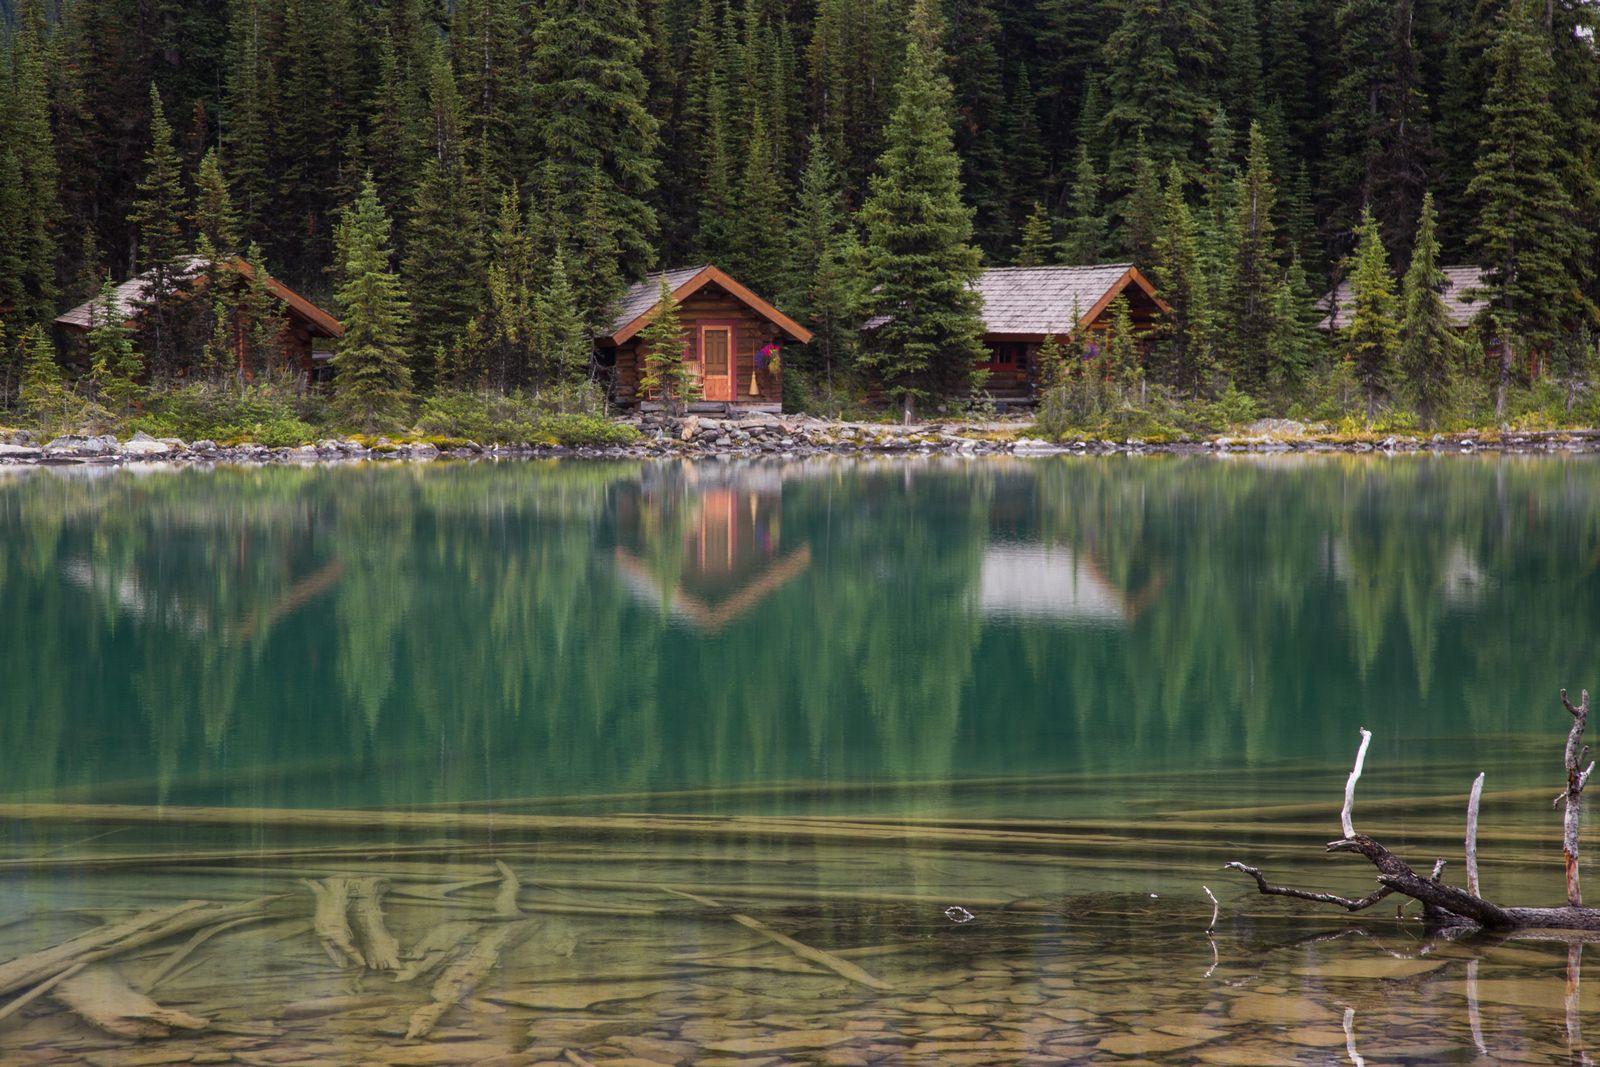 Detalle de varias de las cabañas a pie de lago